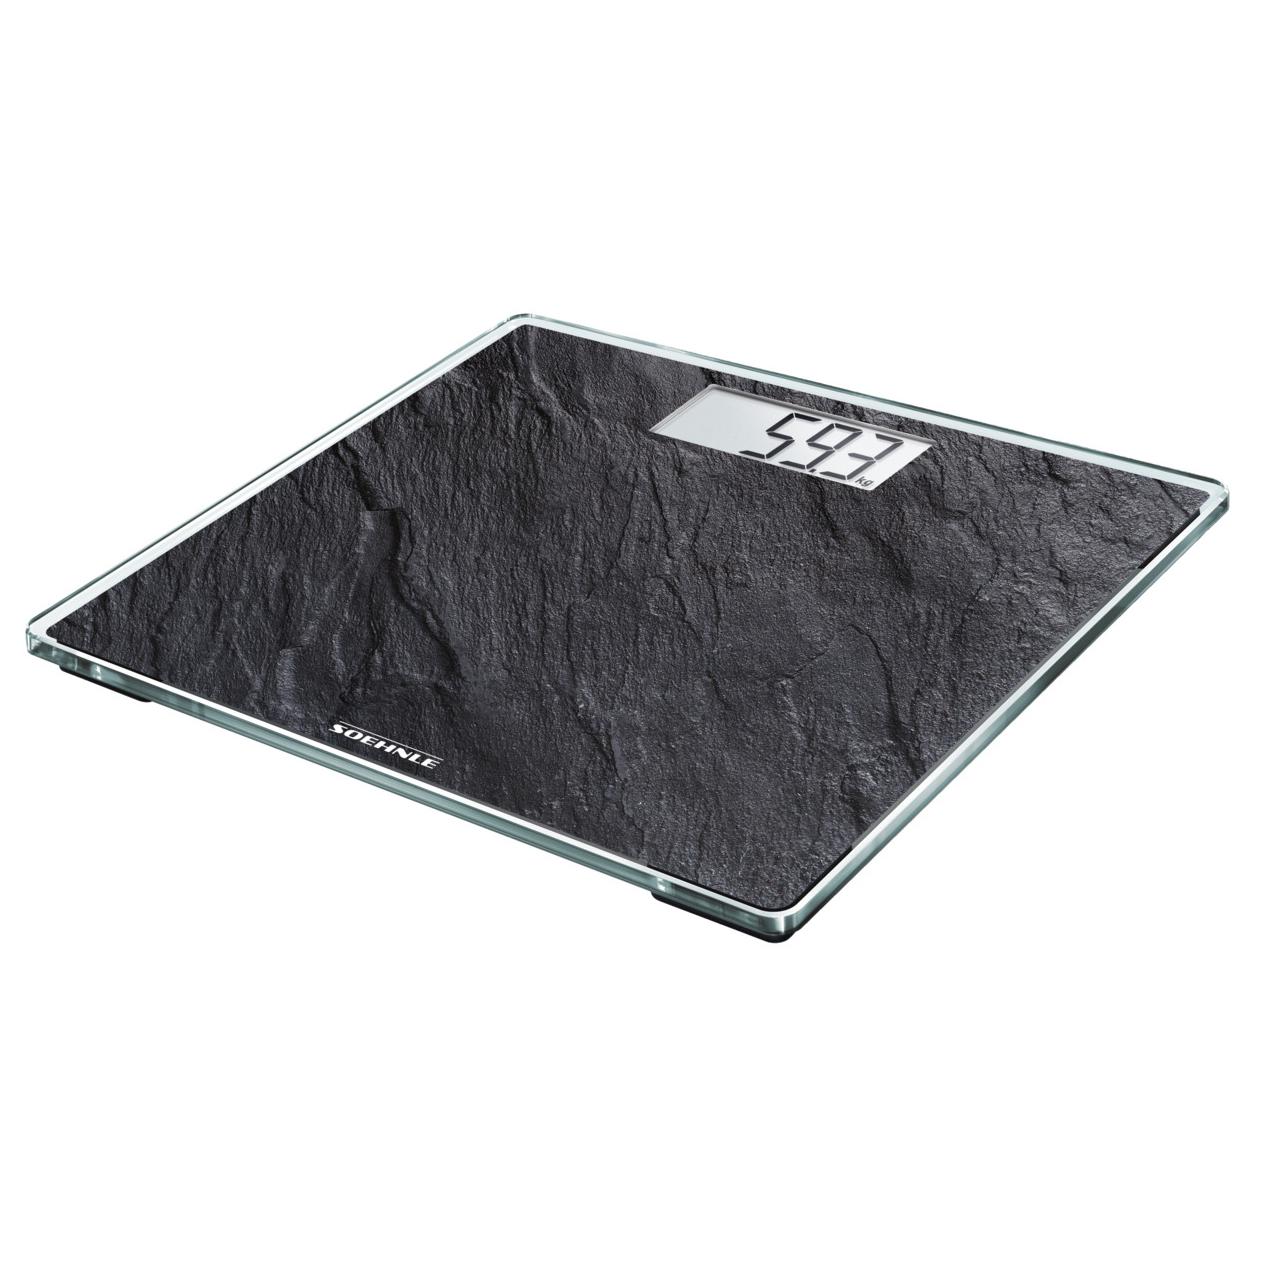 Soehnle Style Sense Compact 300 Slate osobní váha - digitální SOEHNLE 63881